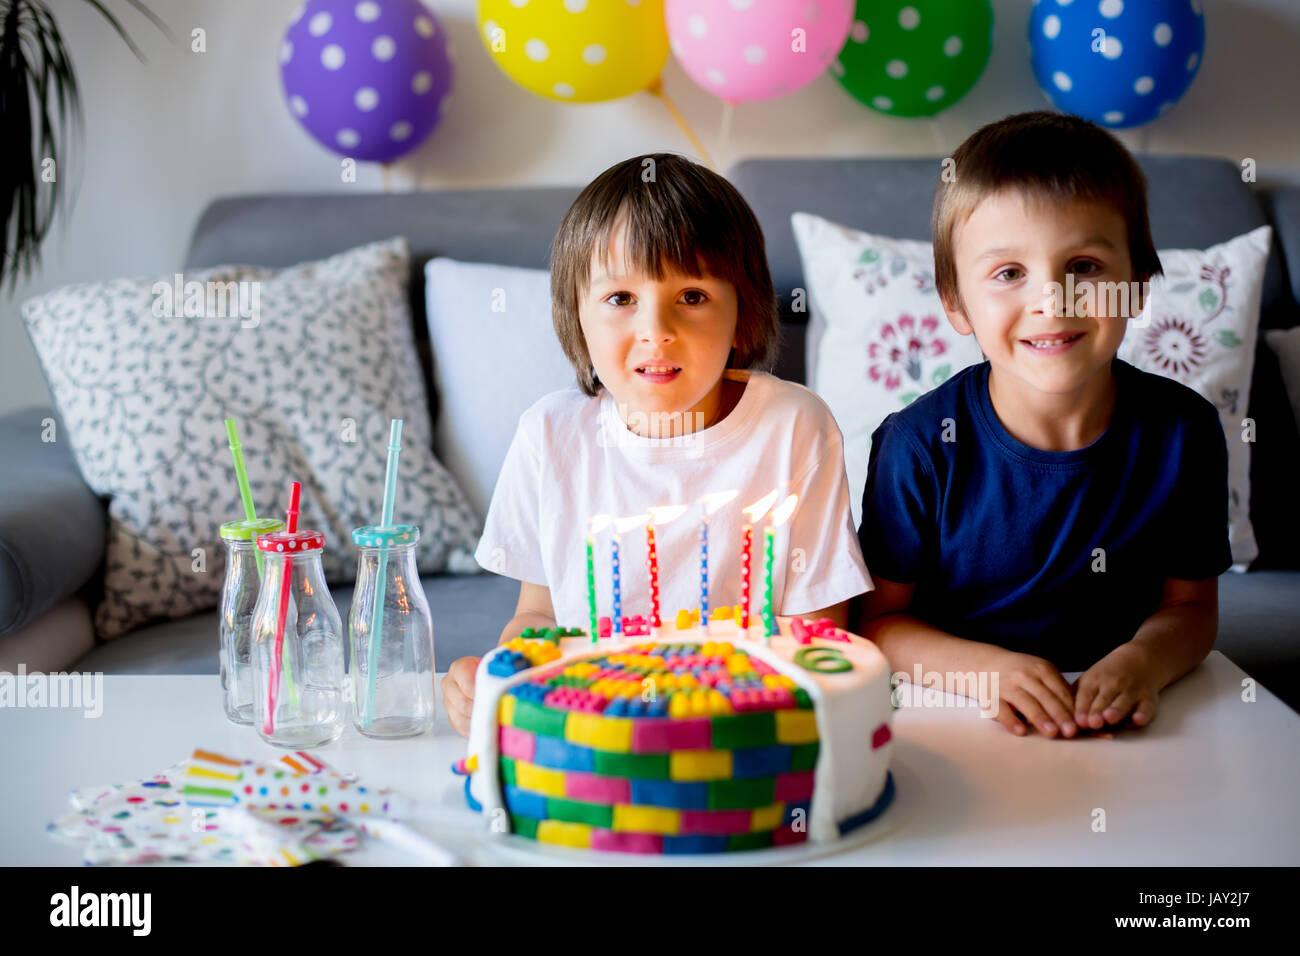 Süßes kleines Kind und sein Bruder, feiert seinen sechsten Geburtstag, Kuchen, Luftballons, Kerzen, Cookies. Stockbild